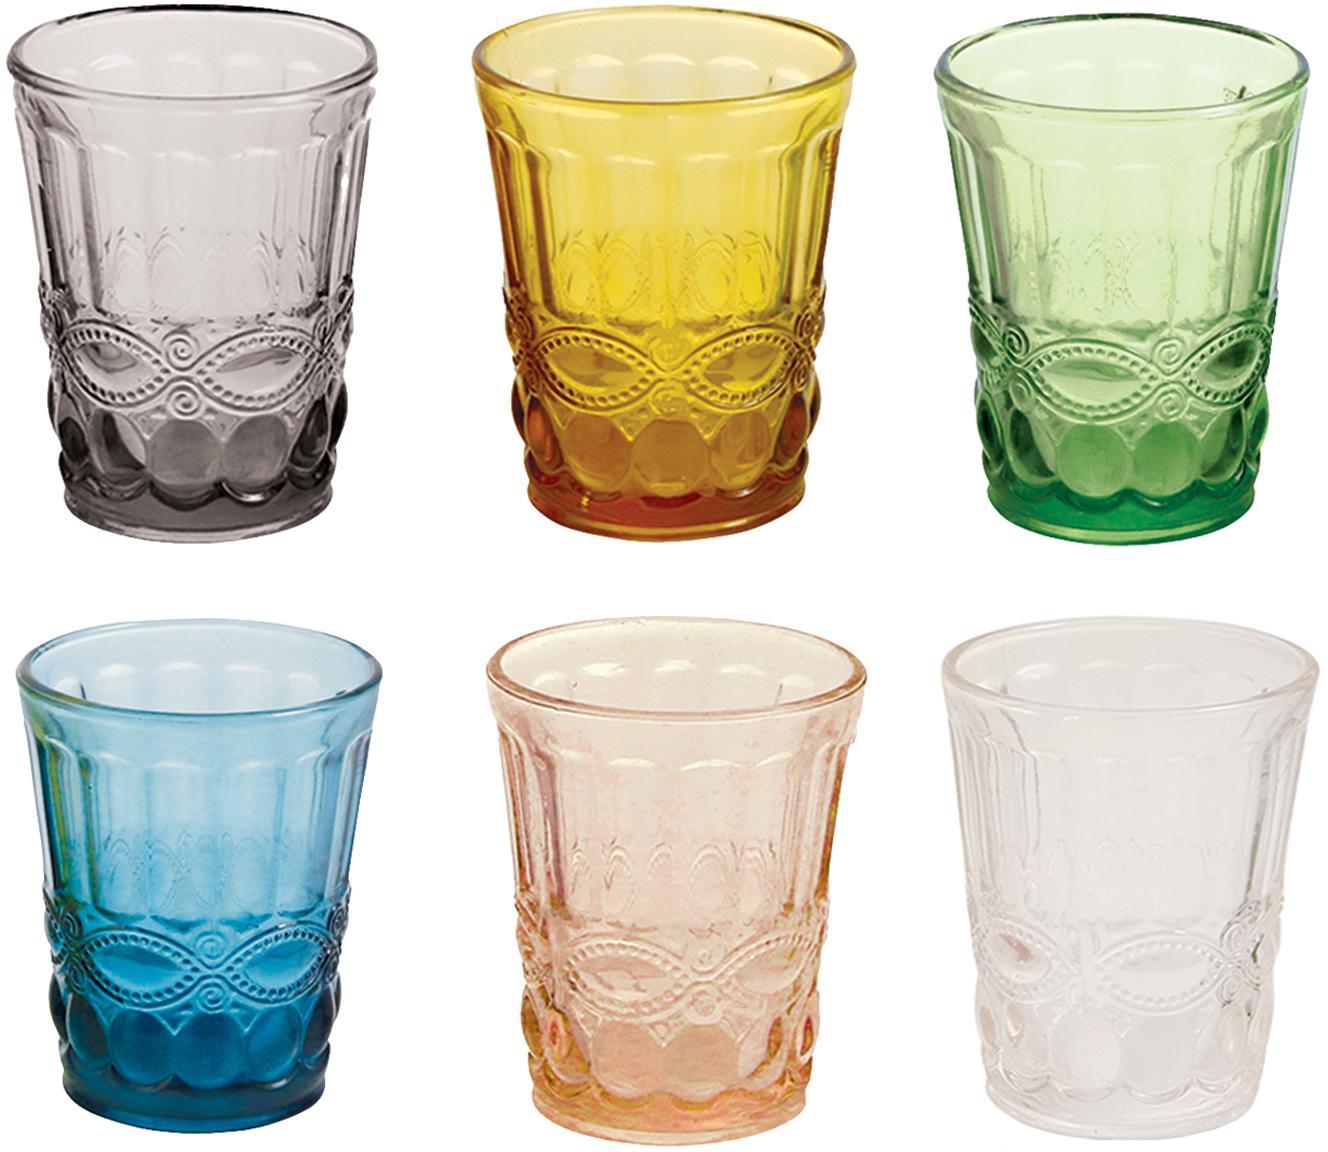 Waterglazenset Nobilis, 6-delig, Glas, Multicolour, Ø 8 x H 10 cm